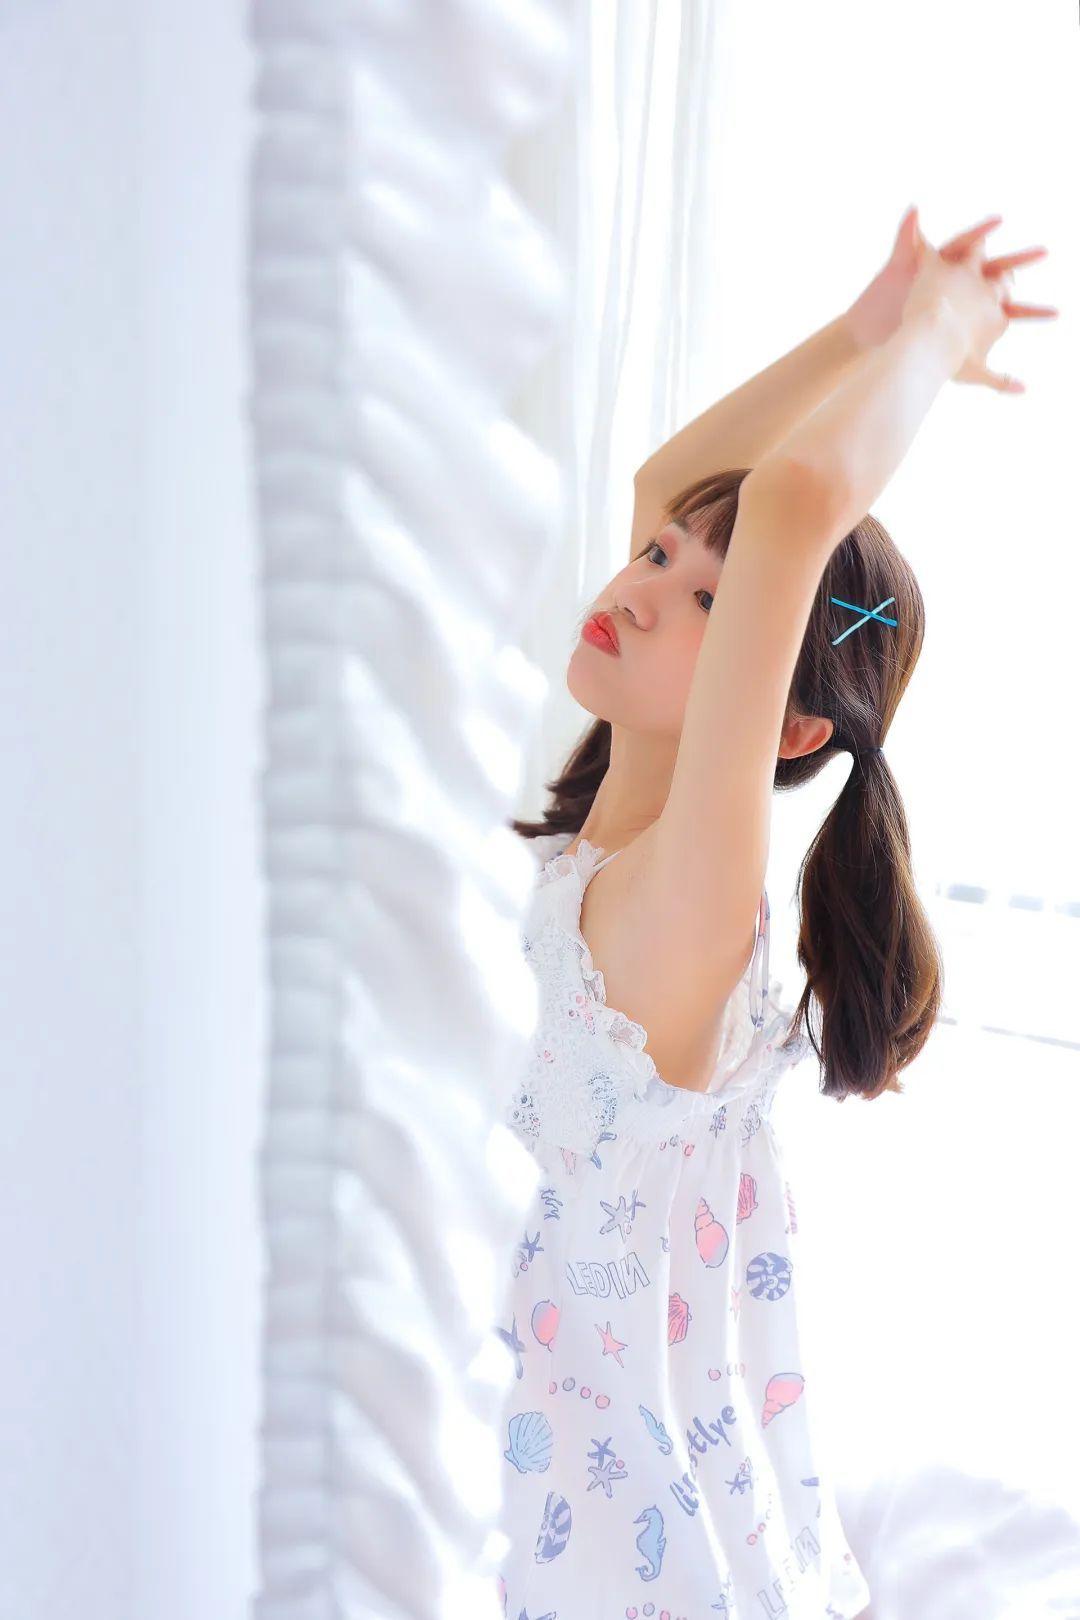 妹子摄影 – 白色连衣裙美腿少女的夏日生活_图片 No.12